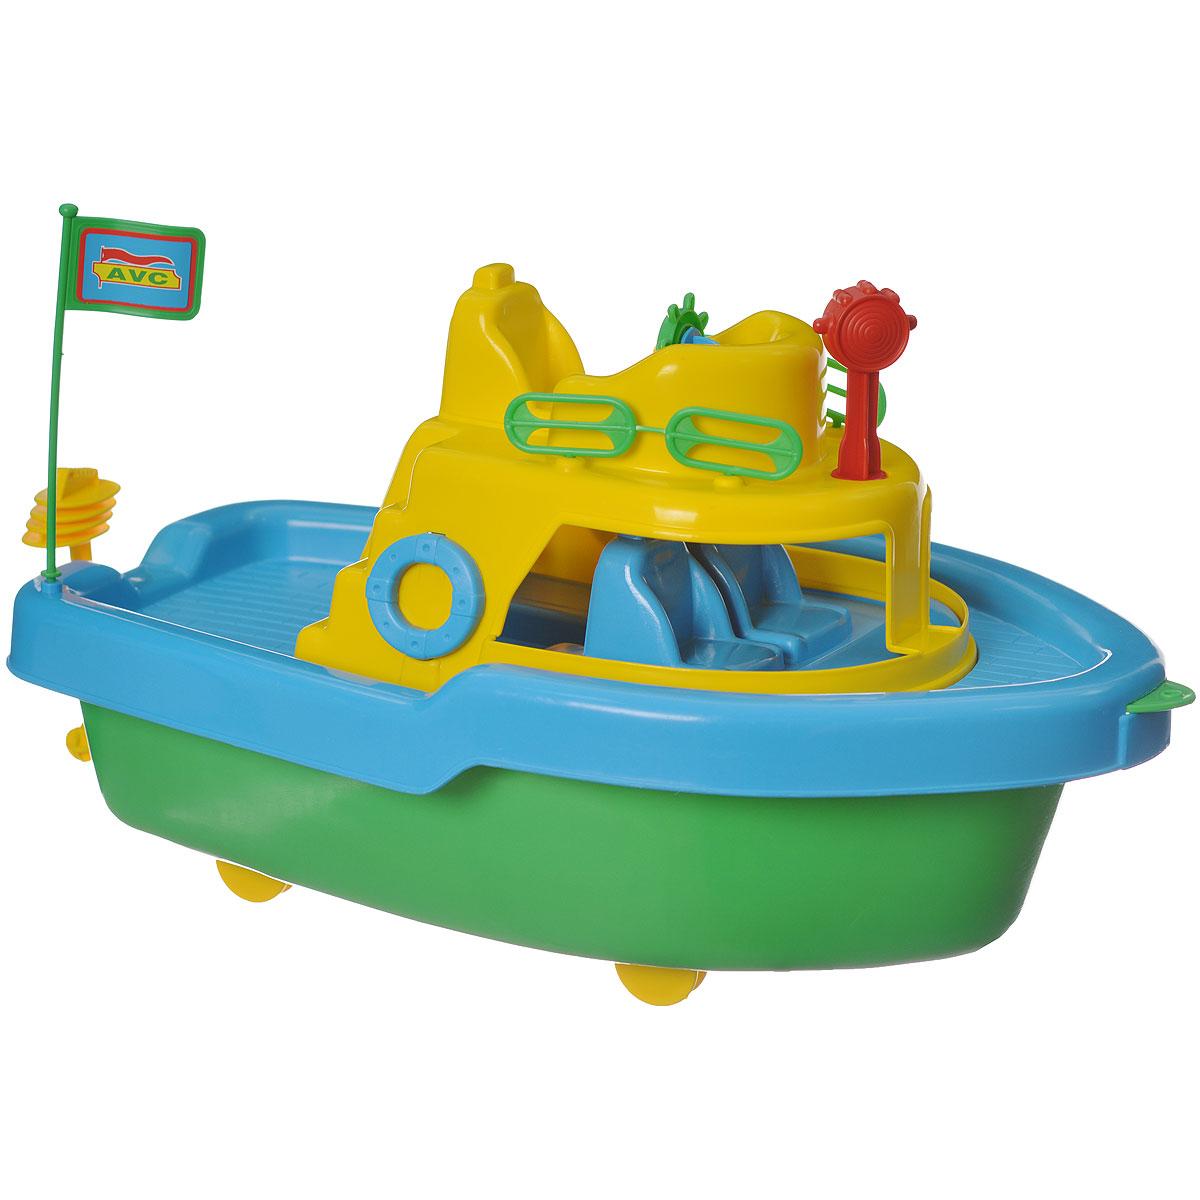 AVC Корабль01/5051Игрушка AVC Корабль отлично подойдет ребенку для различных игр. Это игрушка предназначена для самых маленьких - в конструкции отсутствуют острые элементы, способные травмировать малыша. В то же время игрушка имеет достаточно большой размер, крупные детали и элементы, с которыми ребёнку удобно и интересно играть. У данной игрушки устроено все, как у настоящего корабля: каюты с сидениями, палубы, штурвал, капитанский мостик, флажок. Можно взяться за веревочку и, словно сказочный гигант, вести судно за собой по океану. Игрушка прекрасно держится на воде. С ней можно играть даже на суше, под днищем модели расположены 4 пластиковых колеса, которые превосходно крутятся. Винт мотора на корме и штурвал вращаются. Корабль сделан из прочного пластика, который безвреден для ребенка. С такой игрушкой юный мореплаватель сможет прекрасно провести время дома или на улице.